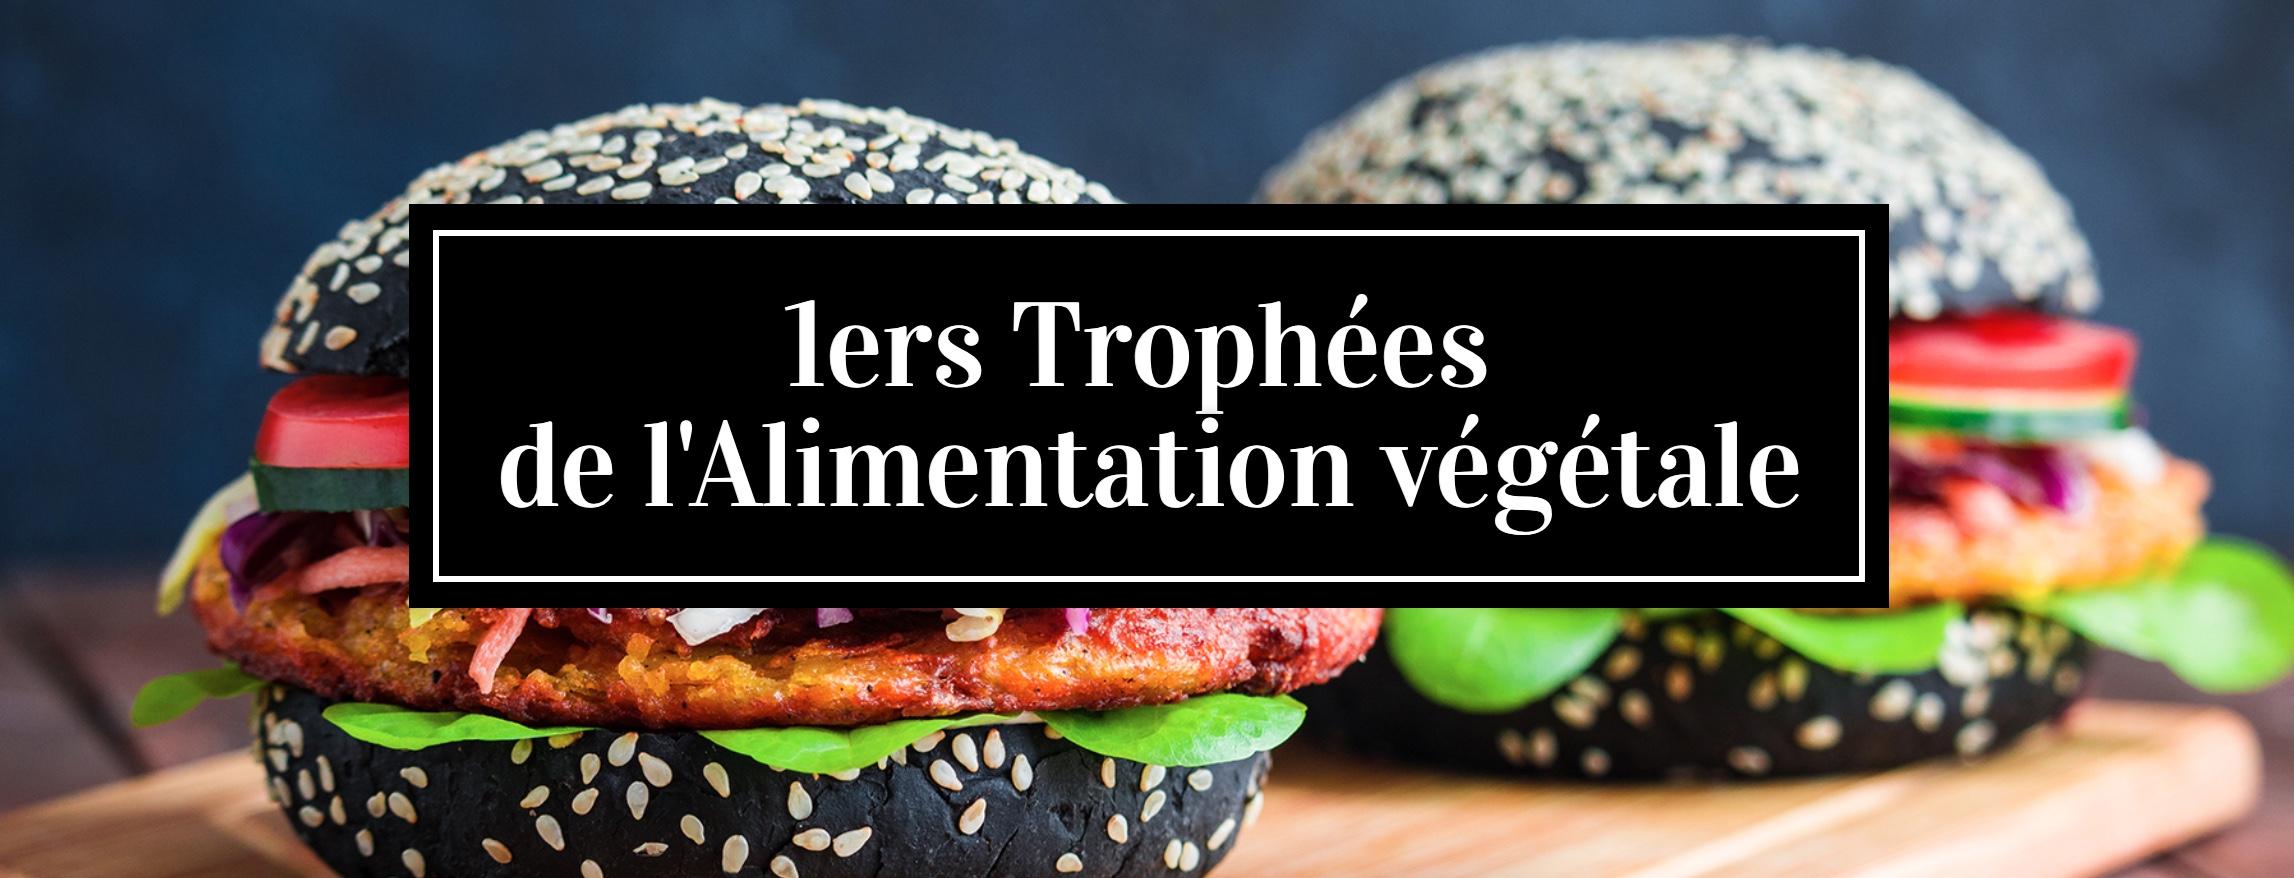 Capture decran 2021 09 09 a 11.04.47 - Les Trophées de l'Alimentation végétale